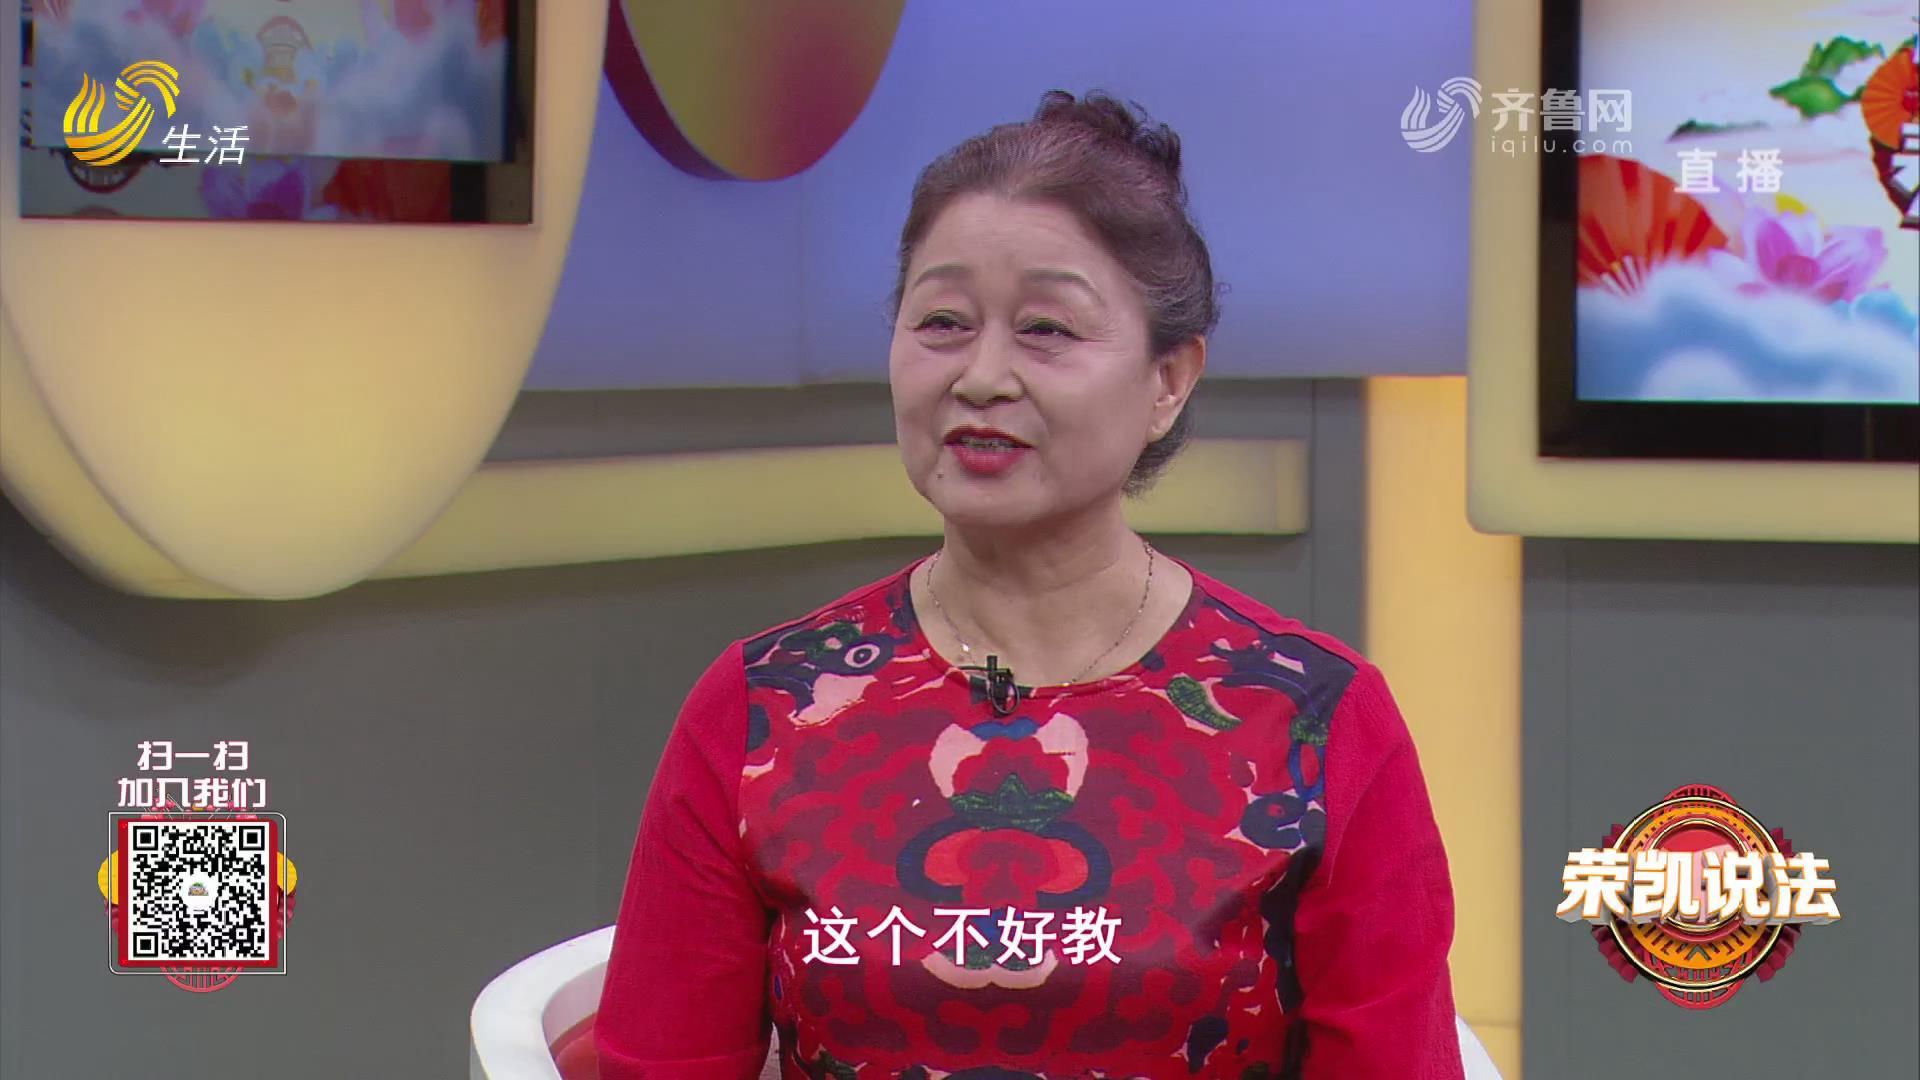 中國式養老-淑貞舞蹈隊:舞出一片夕陽紅